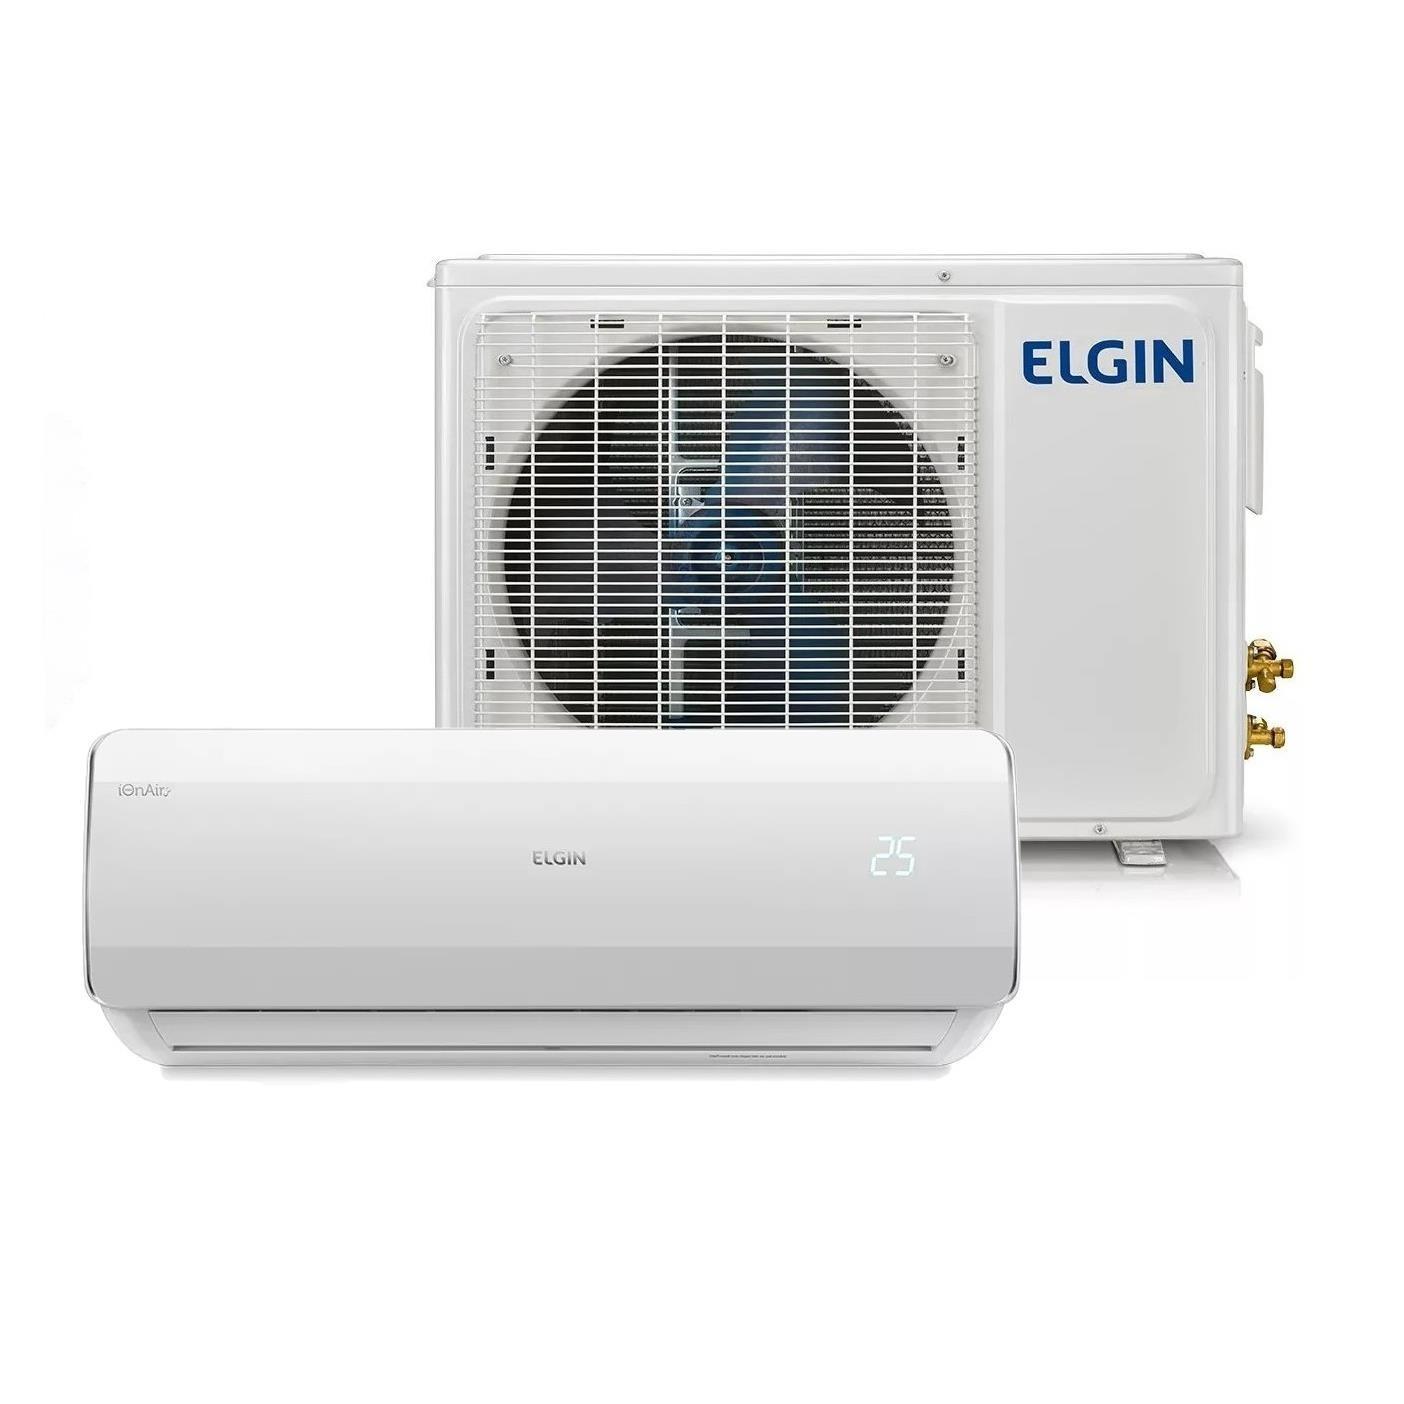 Ar Condicionado Split Elgin Eco Power 12000 BTUs 220V - So frio - HWFI12B2IA